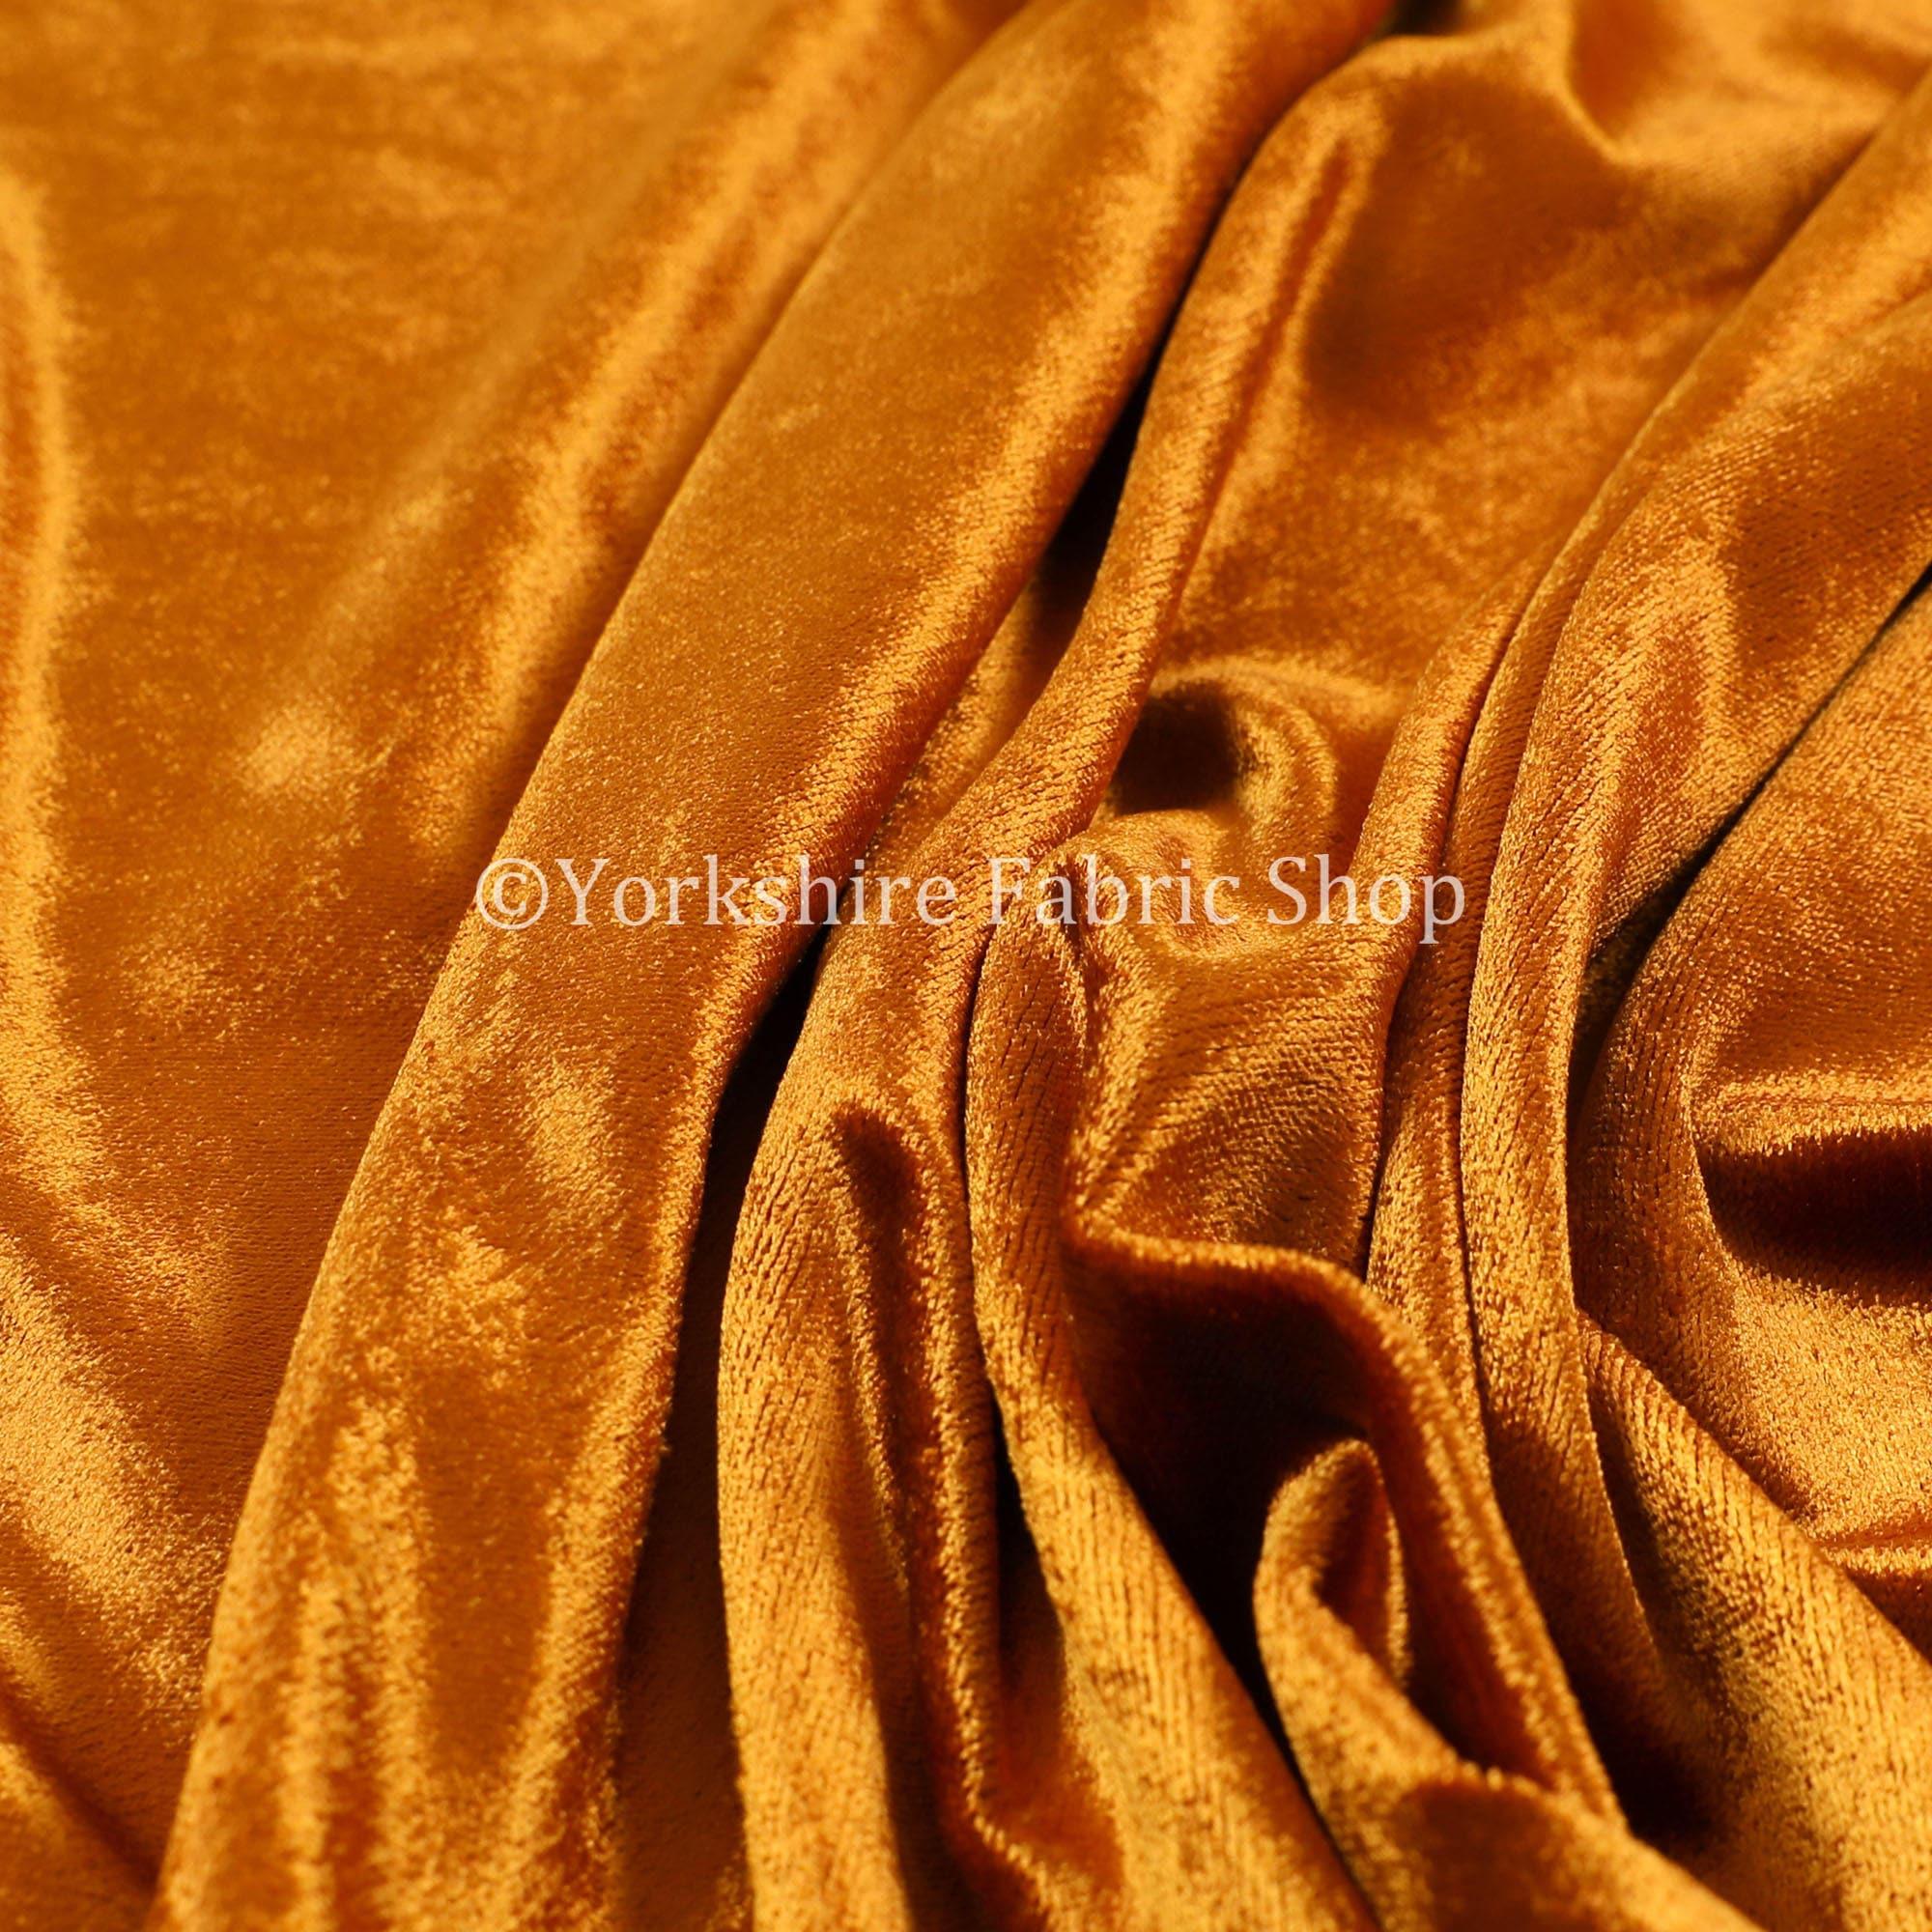 Tissus pour rideaux d'ameublement velours luxe brillance qualité Uni Uni Uni rouillent couleur Orange - vendu par le tissu de longueur de 10 mètres 984bba